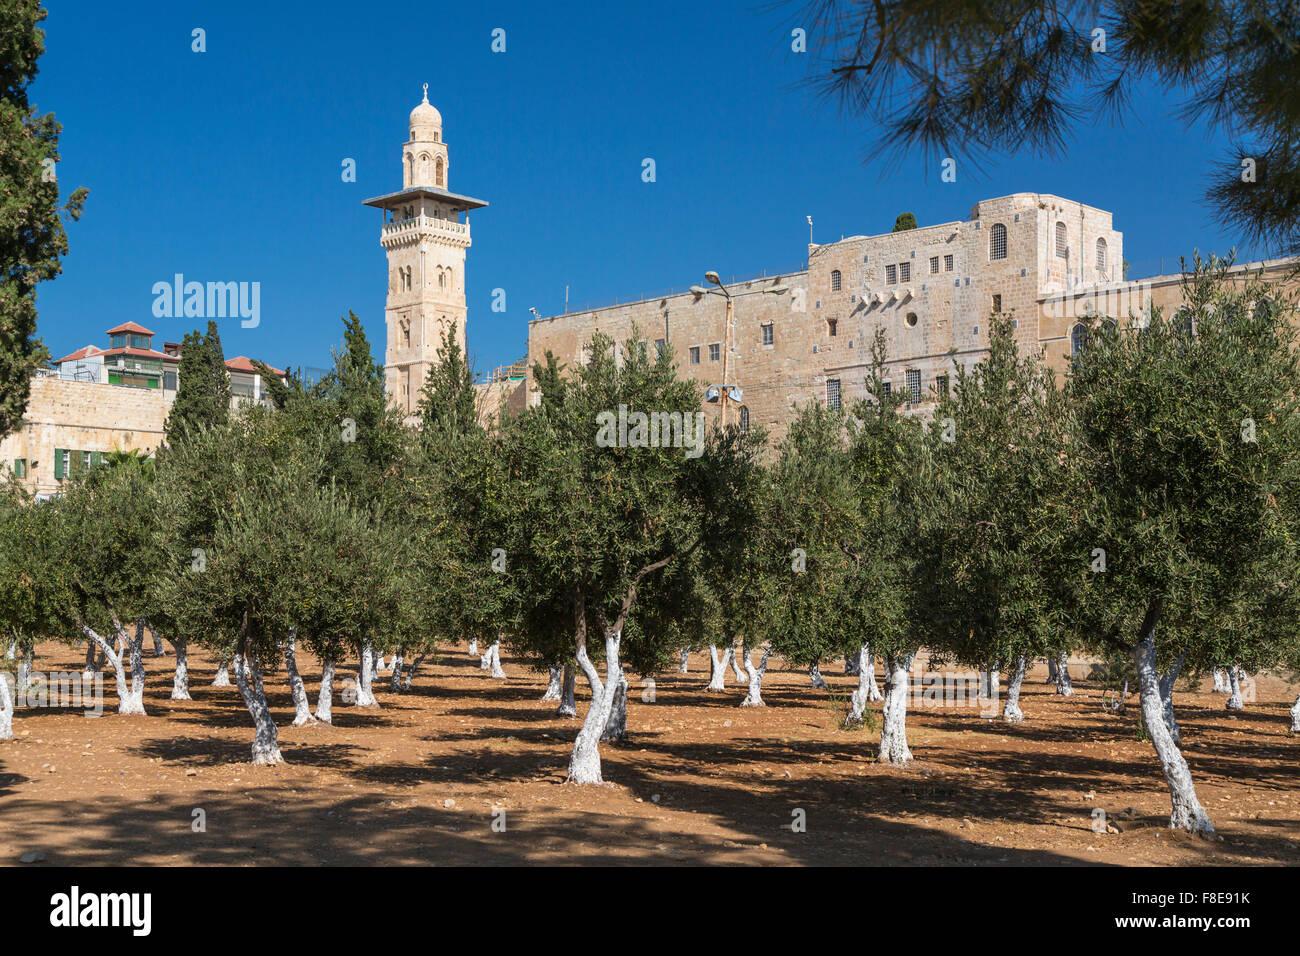 Un olivar en el Monte del Templo en Jerusalén, Israel, Oriente Medio. Imagen De Stock